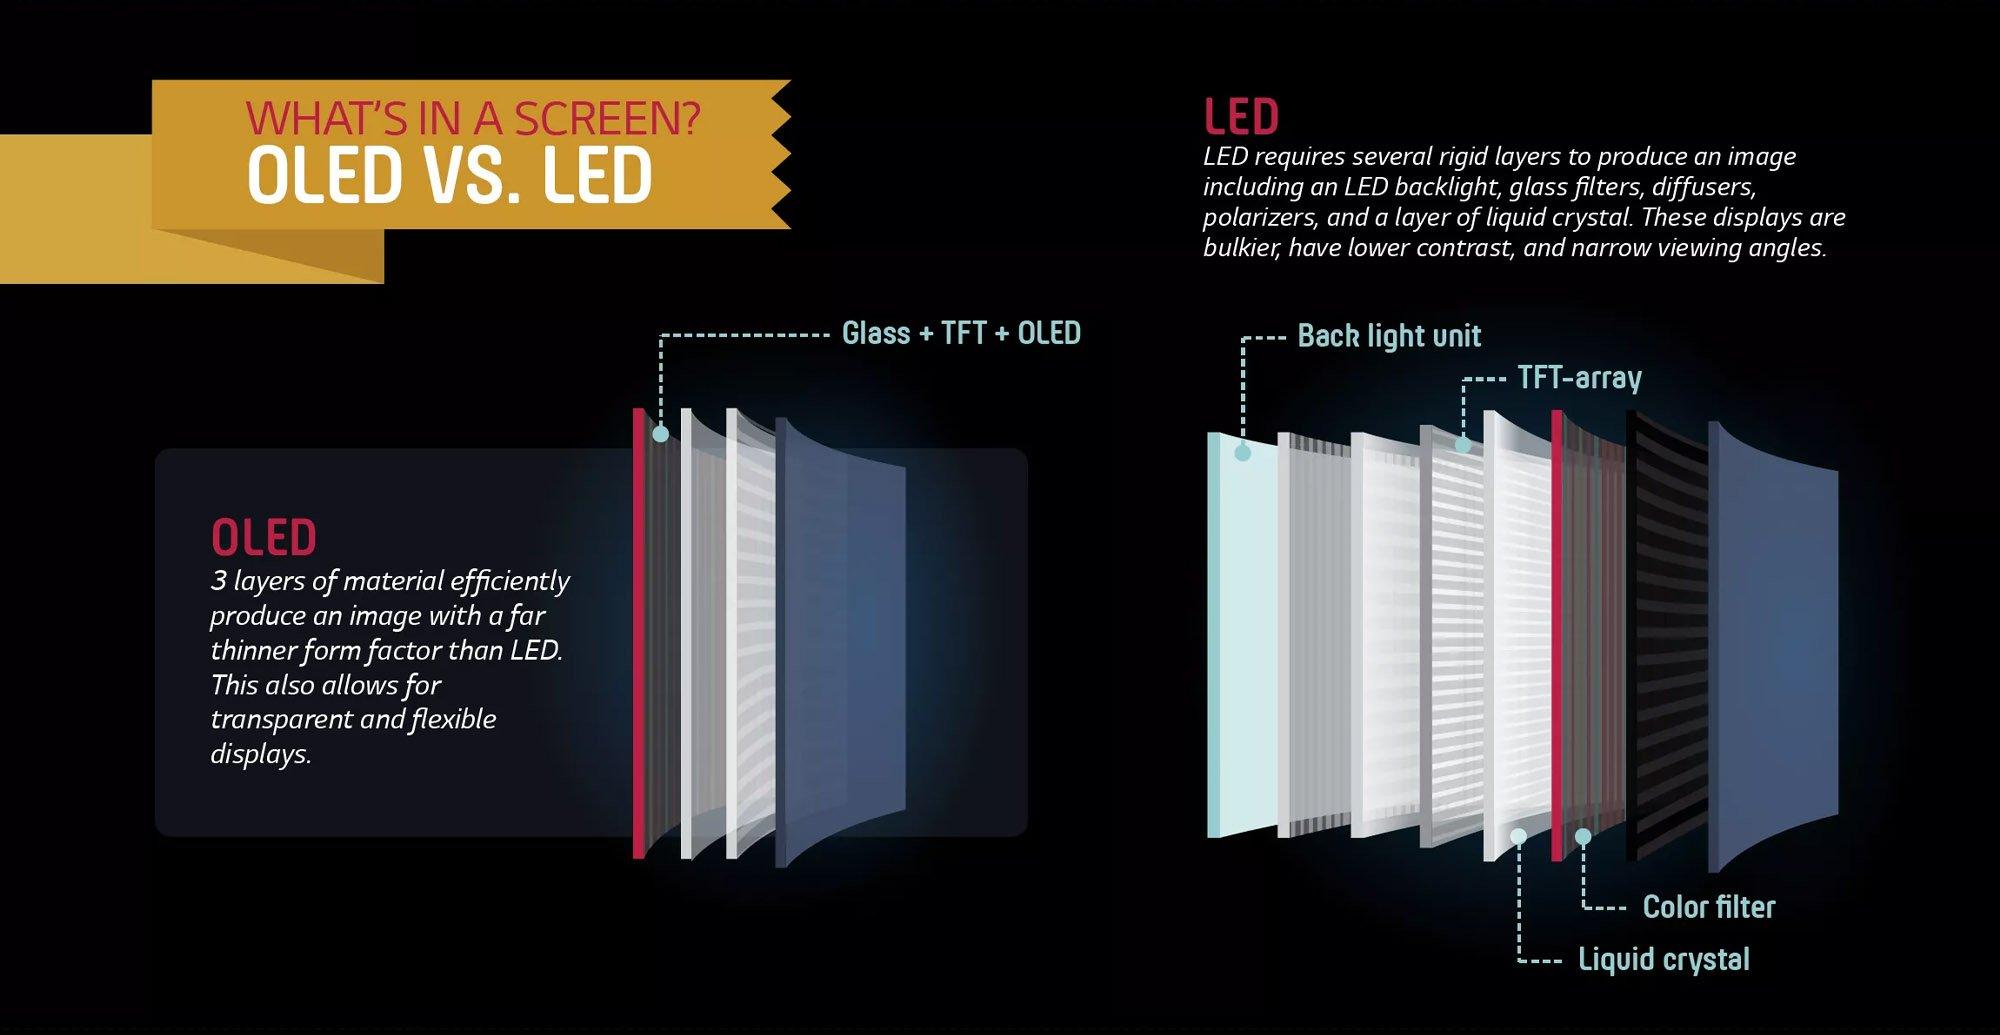 OLED vs LED displays